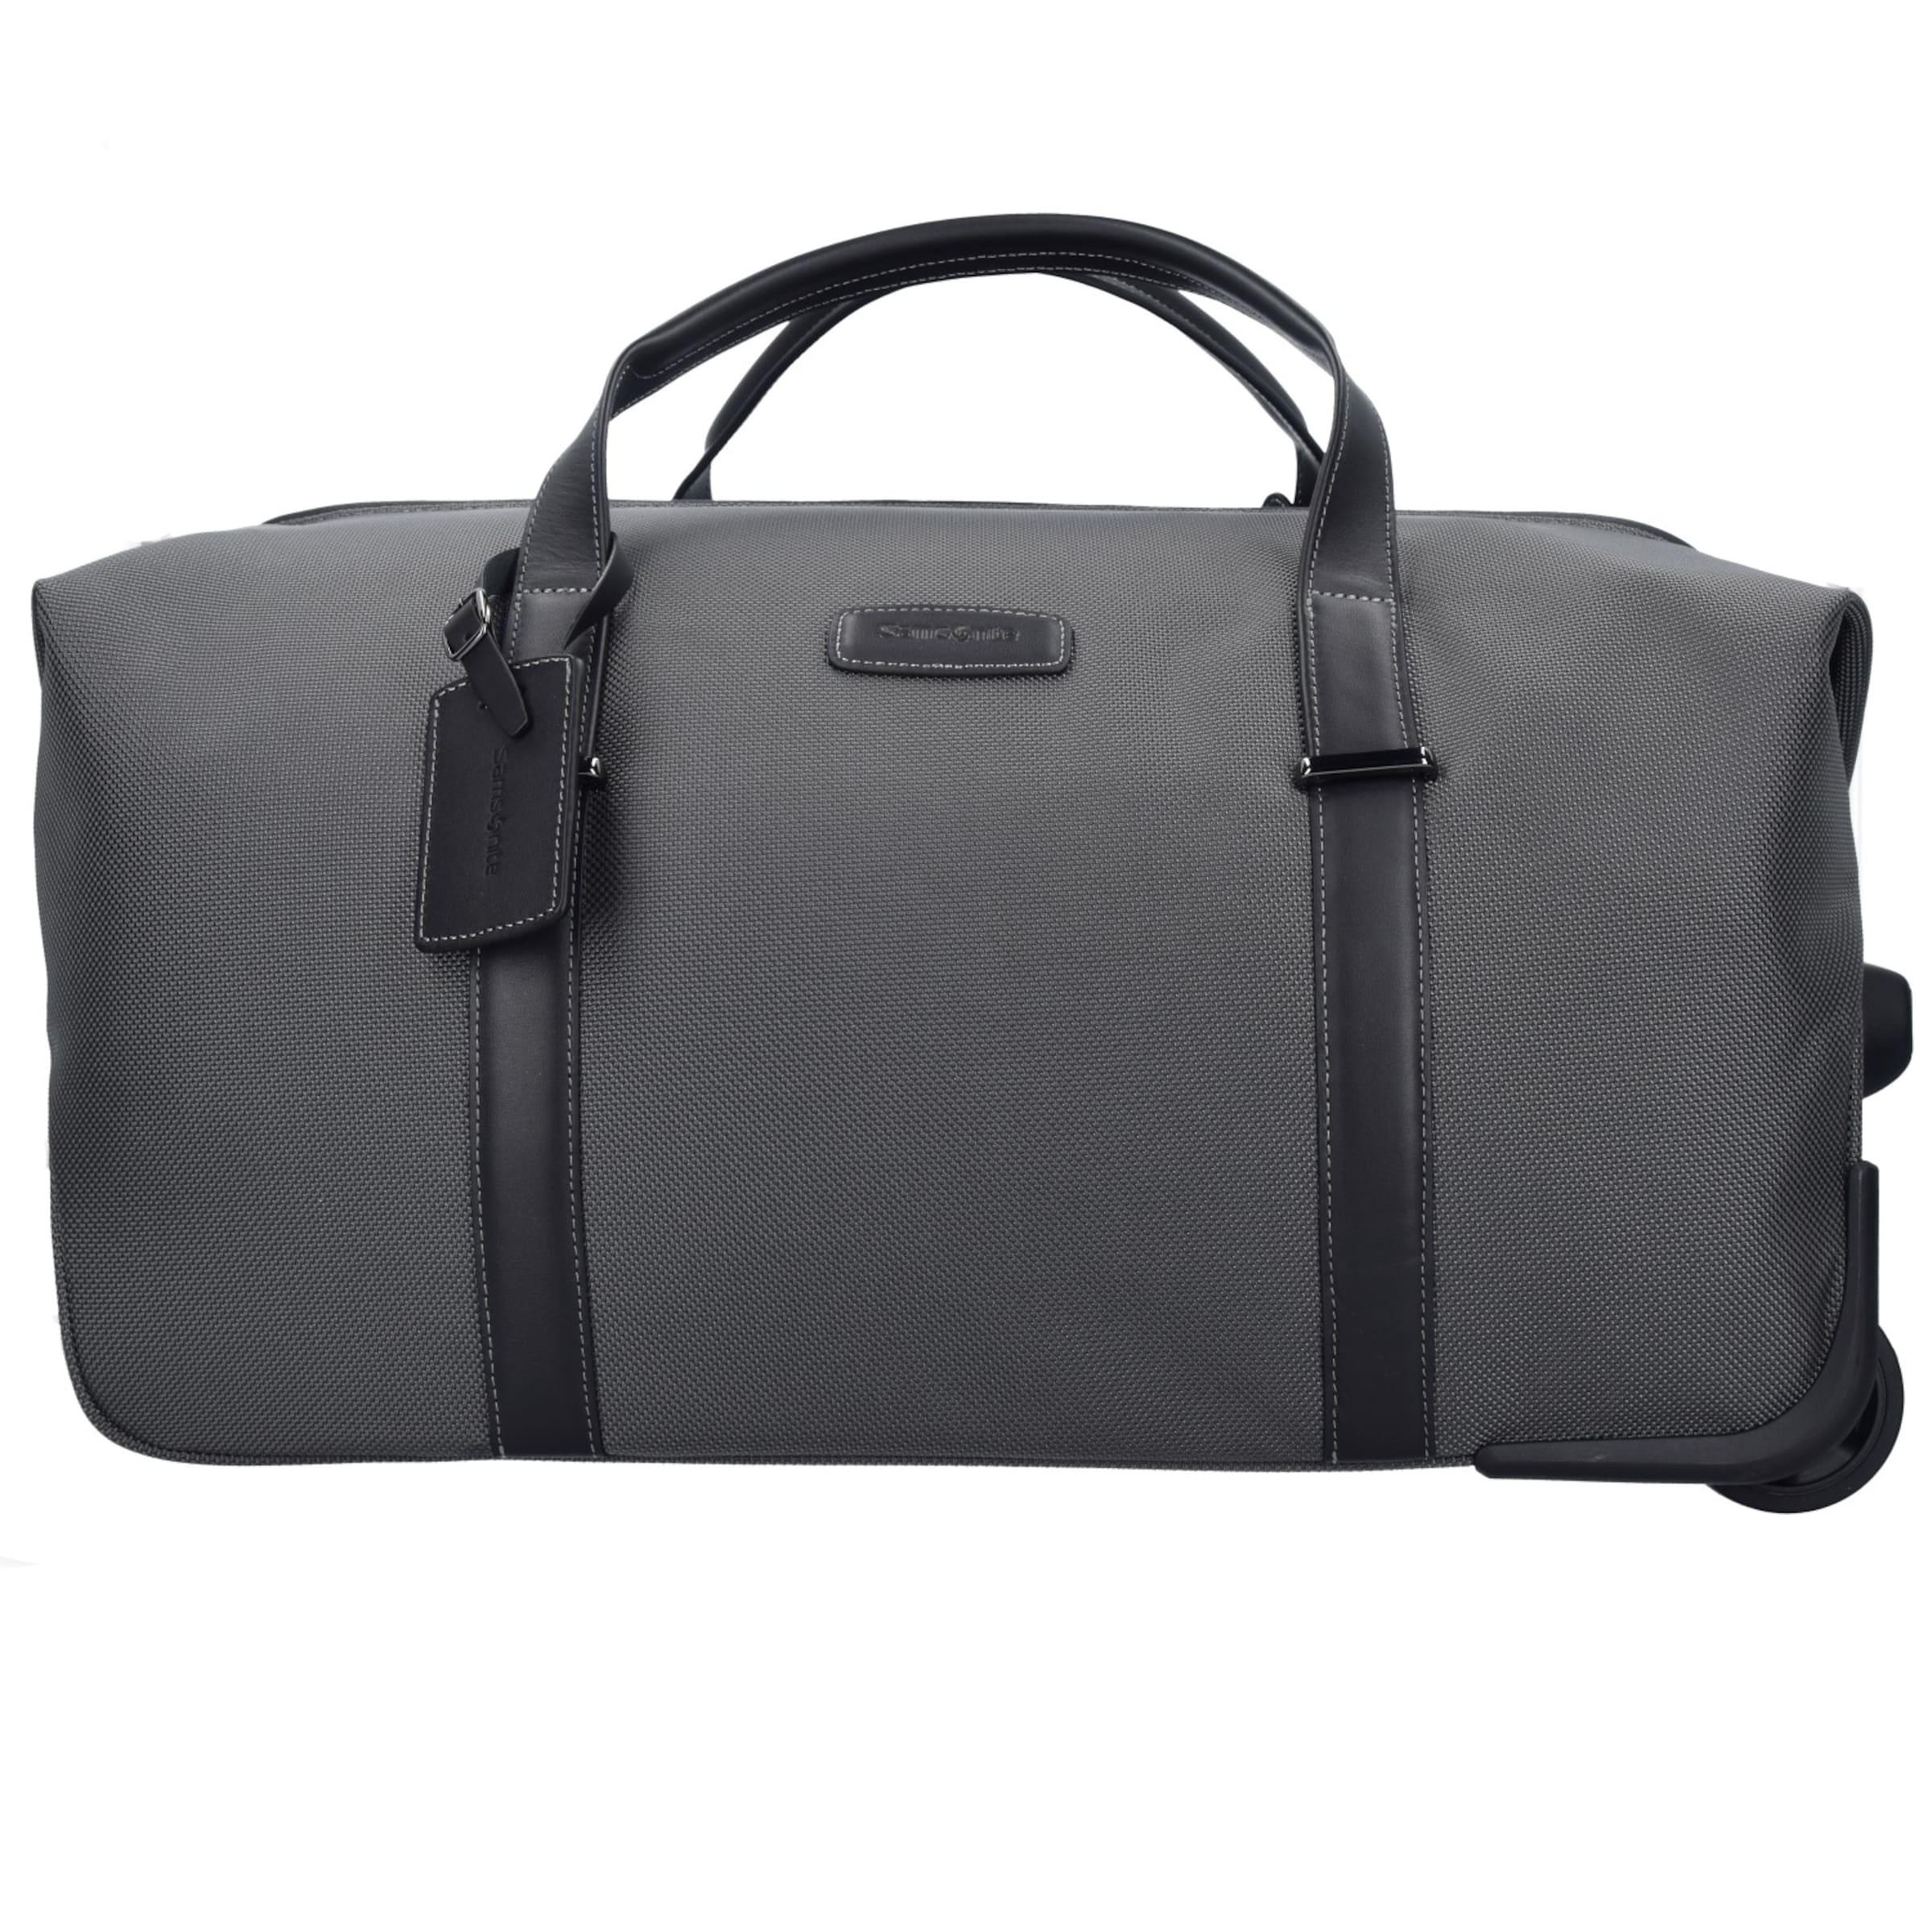 SAMSONITE Lite DLX SP 2-Rollen Reisetasche 55 cm Spielraum 2018 Neueste Günstig Kaufen Extrem Tolle Auslass Offizielle Seite Bester Ort Zu Kaufen kP6opdBStc